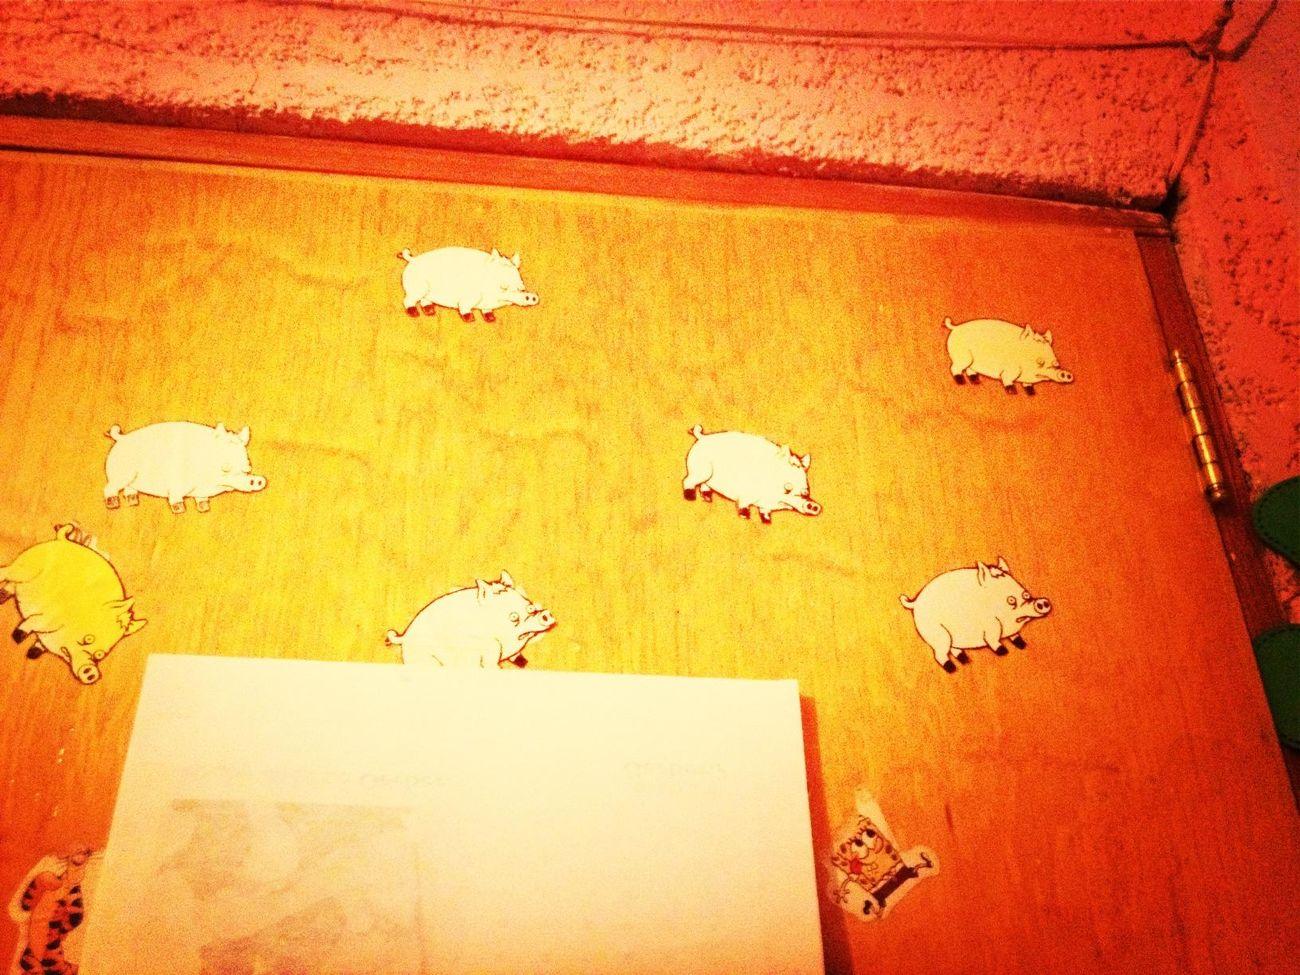 No me acordaba que tenía muchos puercos araña en mi puerta u.u viejos regalos